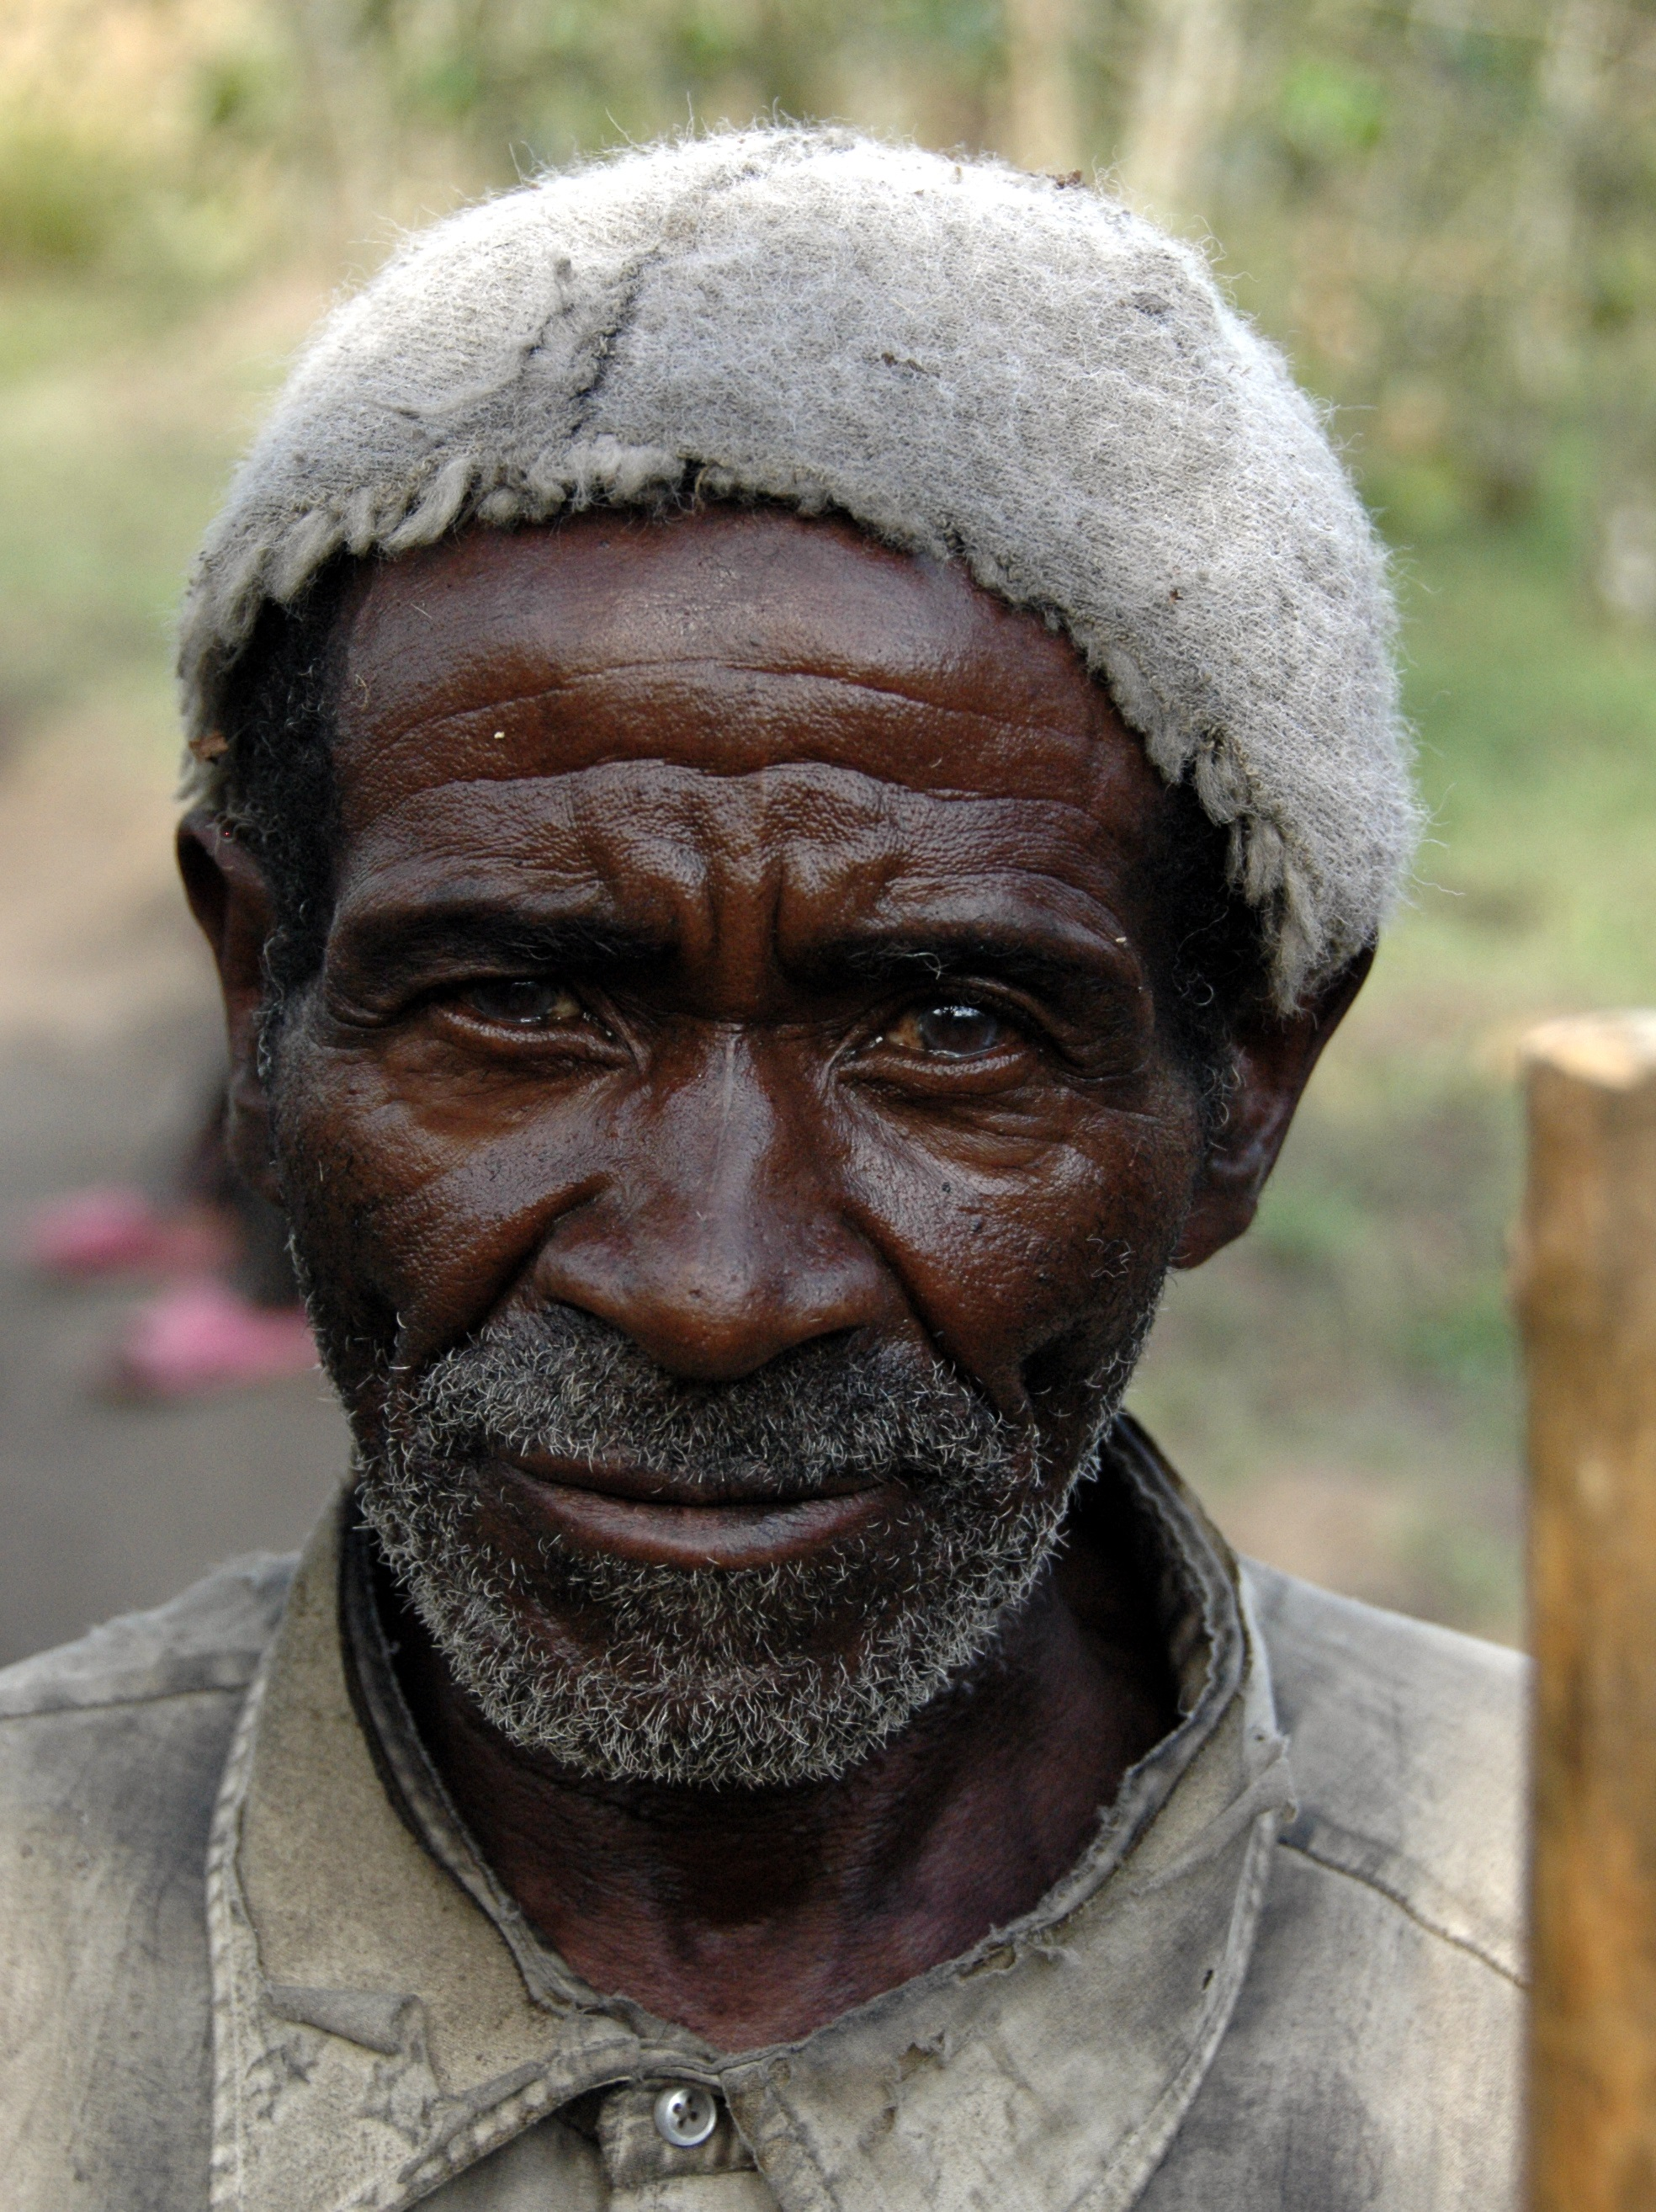 Congo, 2006